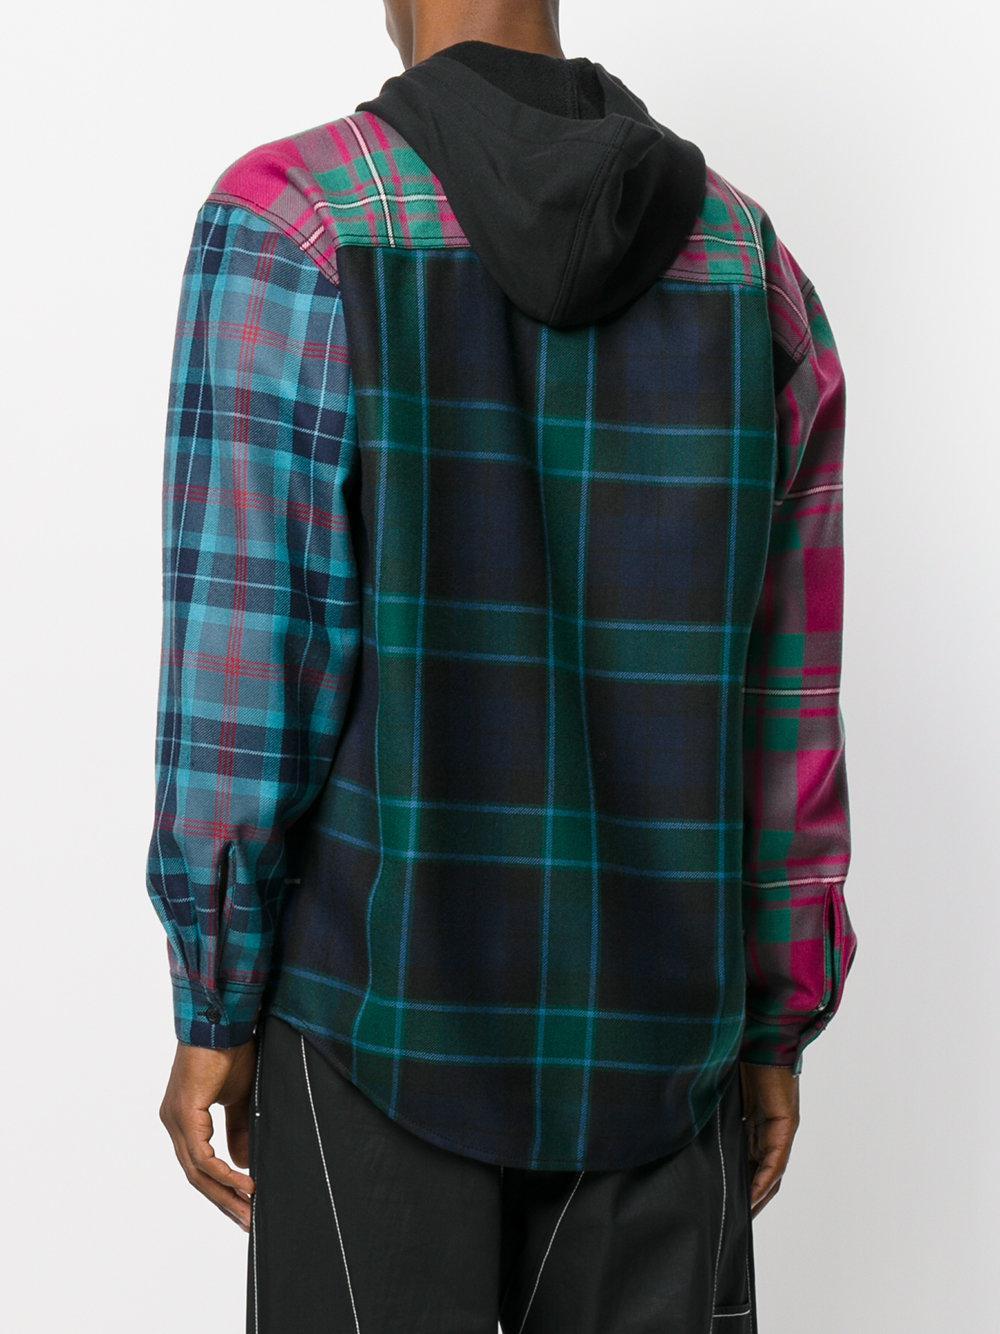 Alexander Wang Wool Hooded Tartan Shirt for Men